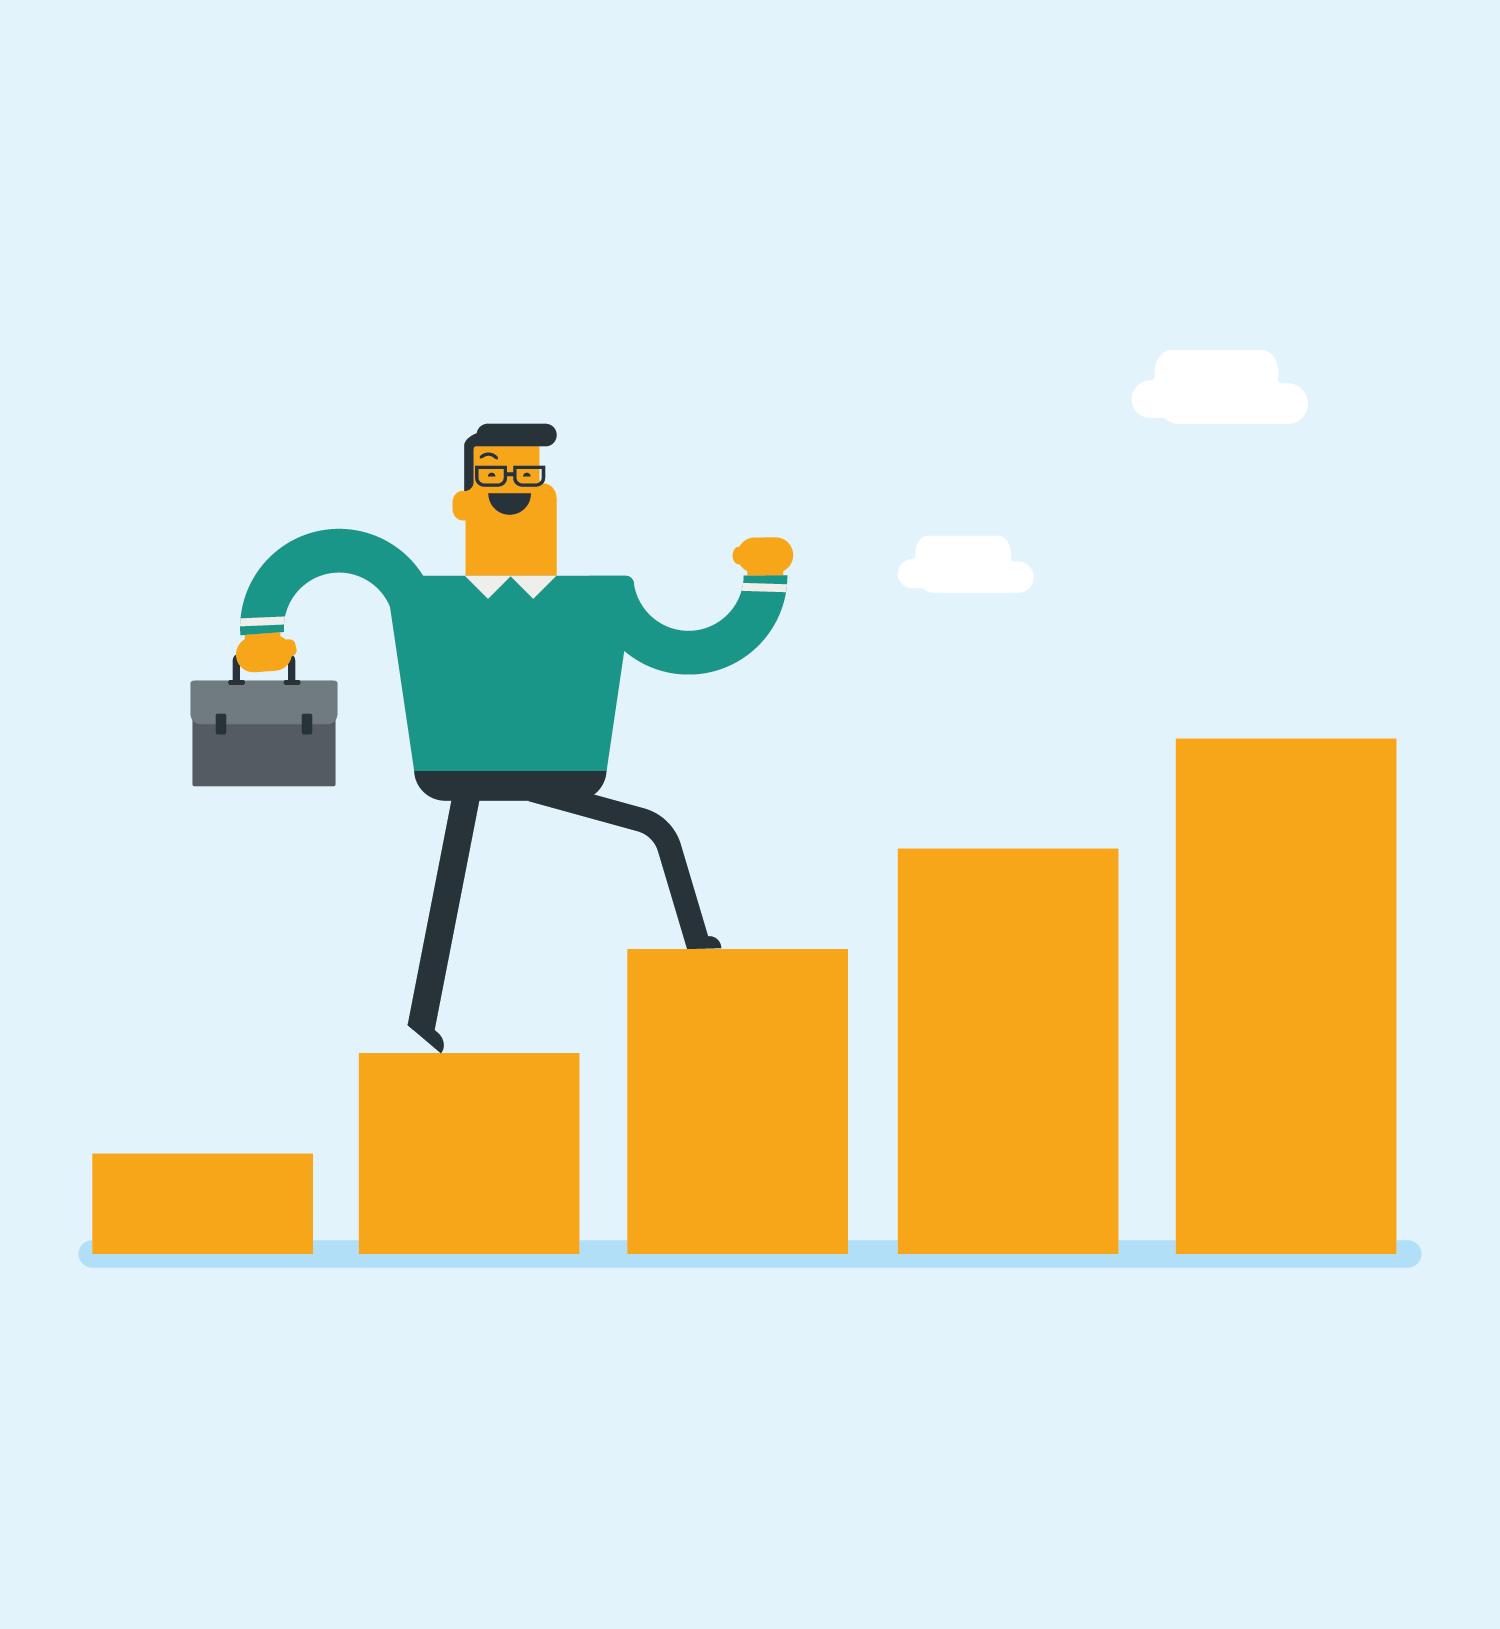 Til fremtiden med skreddersydd digitalisering - Skykontoret leverer rådgivning og tjenester innen digitalisering for å modernisere foreninger og organisasjoner. Da kan de jobbe mer effektivt og få økt gjennomslagskraft. Våre tjenester er utviklet over mange år i samarbeid med interesseforeninger, bransjeforeninger og fagforeninger. Det har gitt oss unike muligheter for å støtte organisasjoner med smidige og effektive forbedringer.